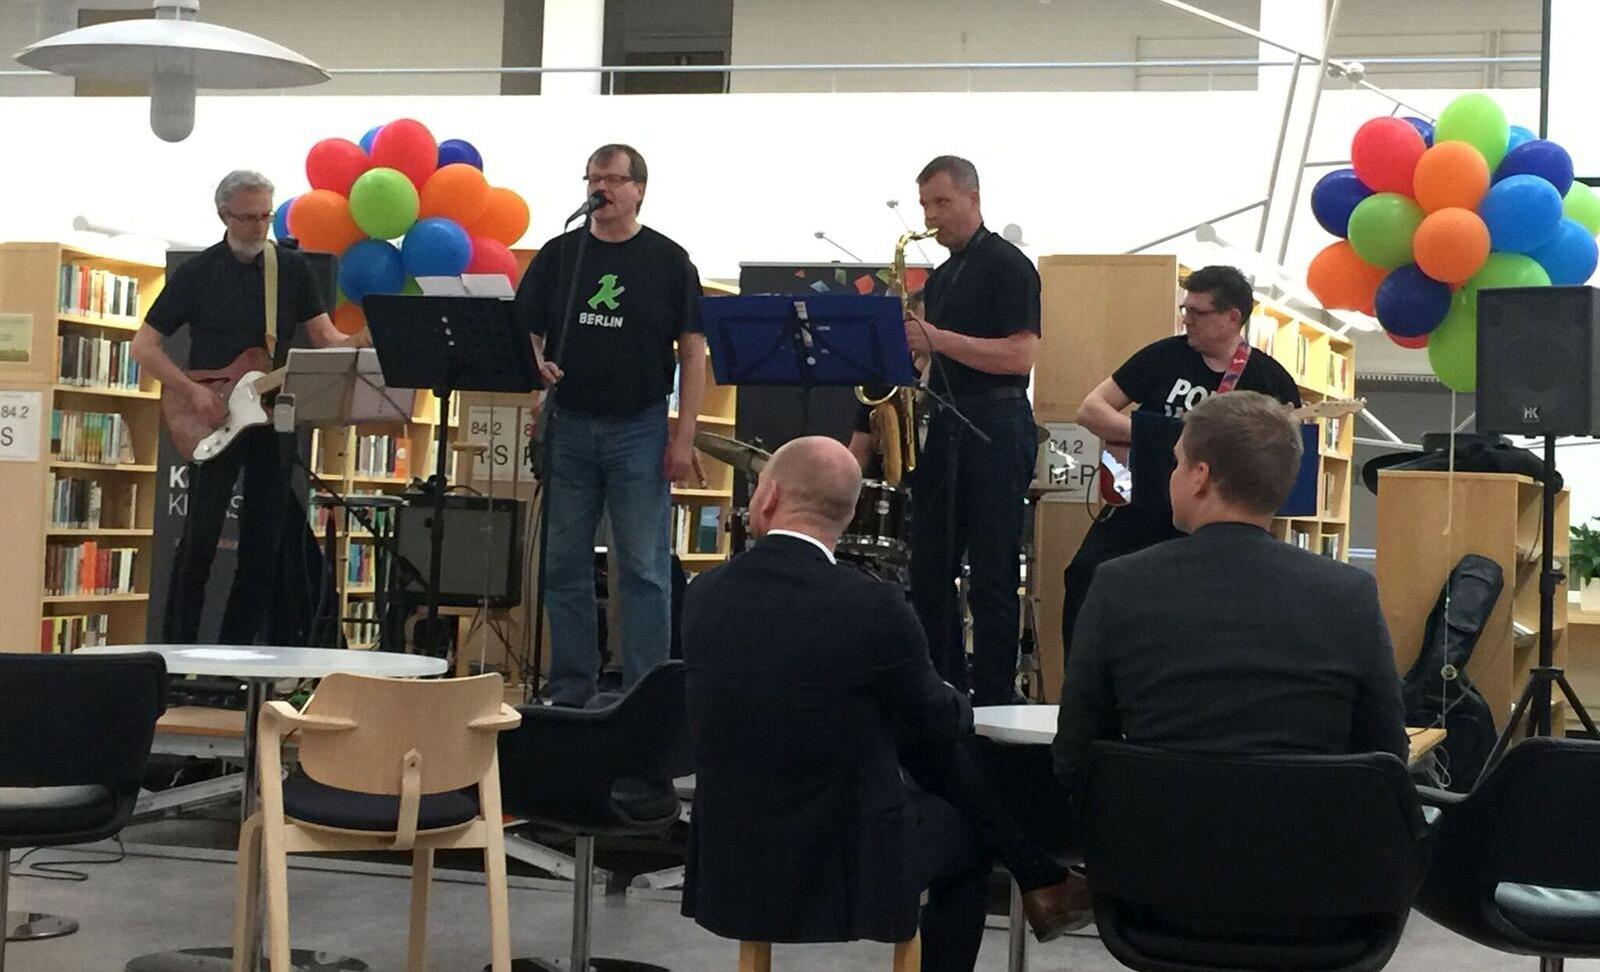 Tutuista kirjastolaisista koostuva Teräshylly-bändi viihdytti Jyväskylän kaupunginkirjaston illanvietossa.